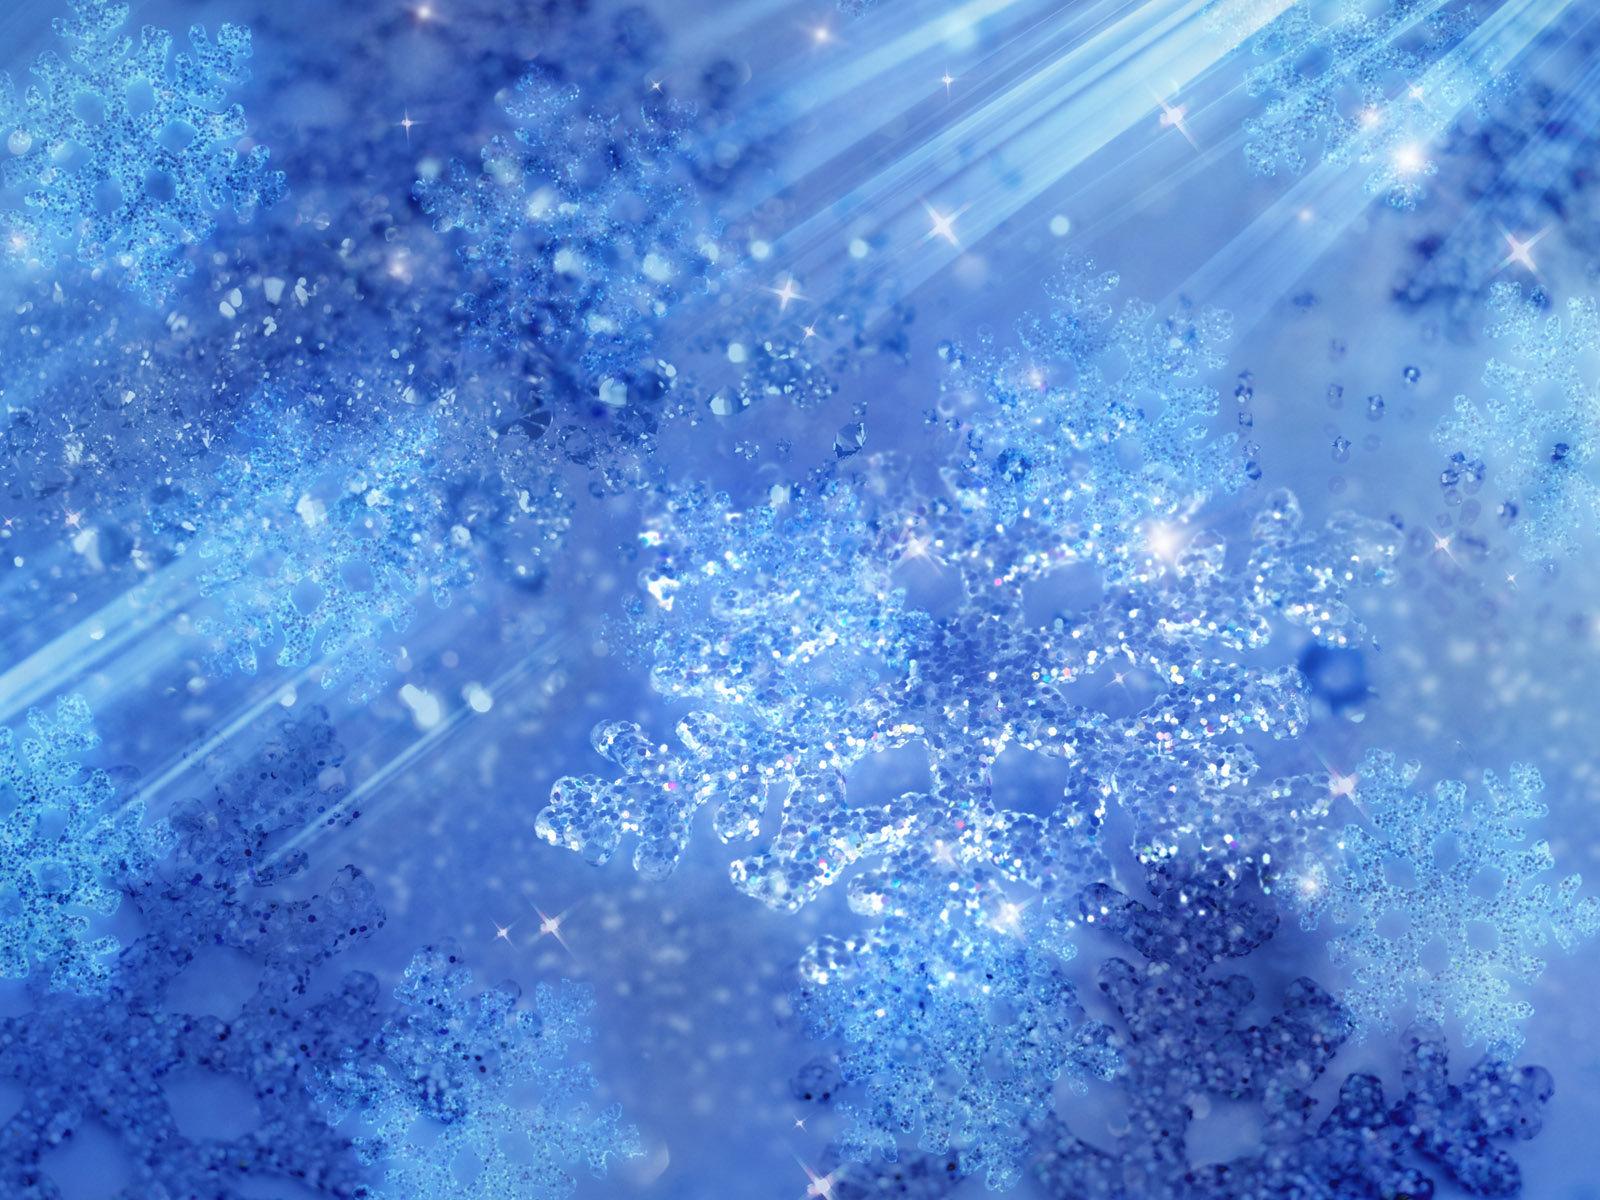 ... Новый год Что приготовить на Новый год: god-zmei.ru/oboi.htm